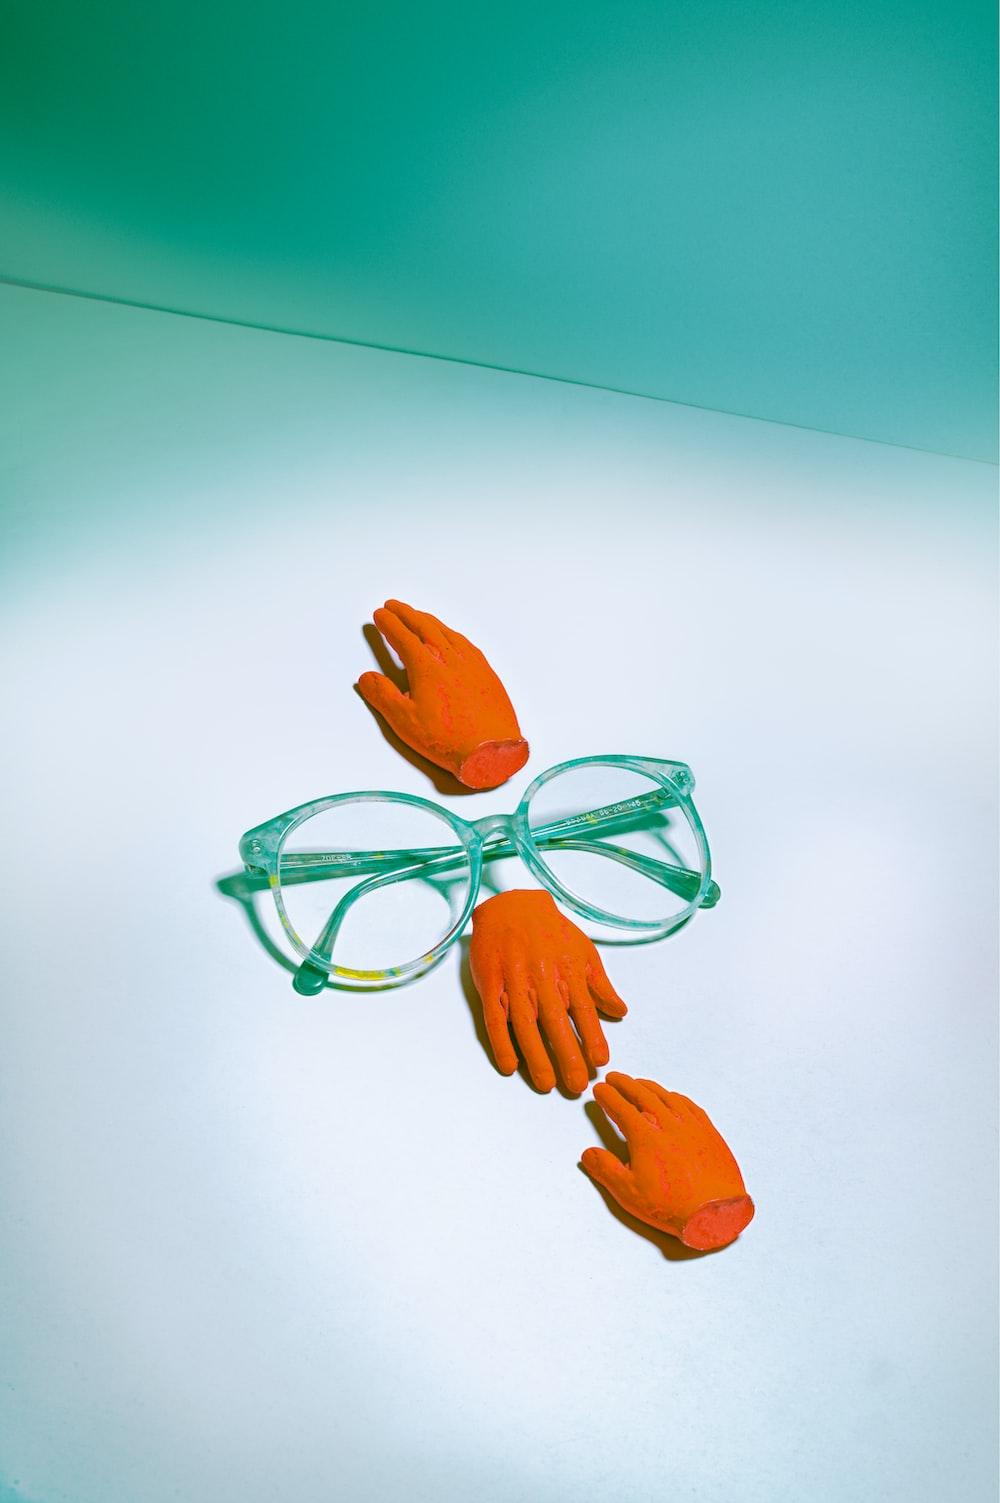 green framed eyeglasses beside orange rose